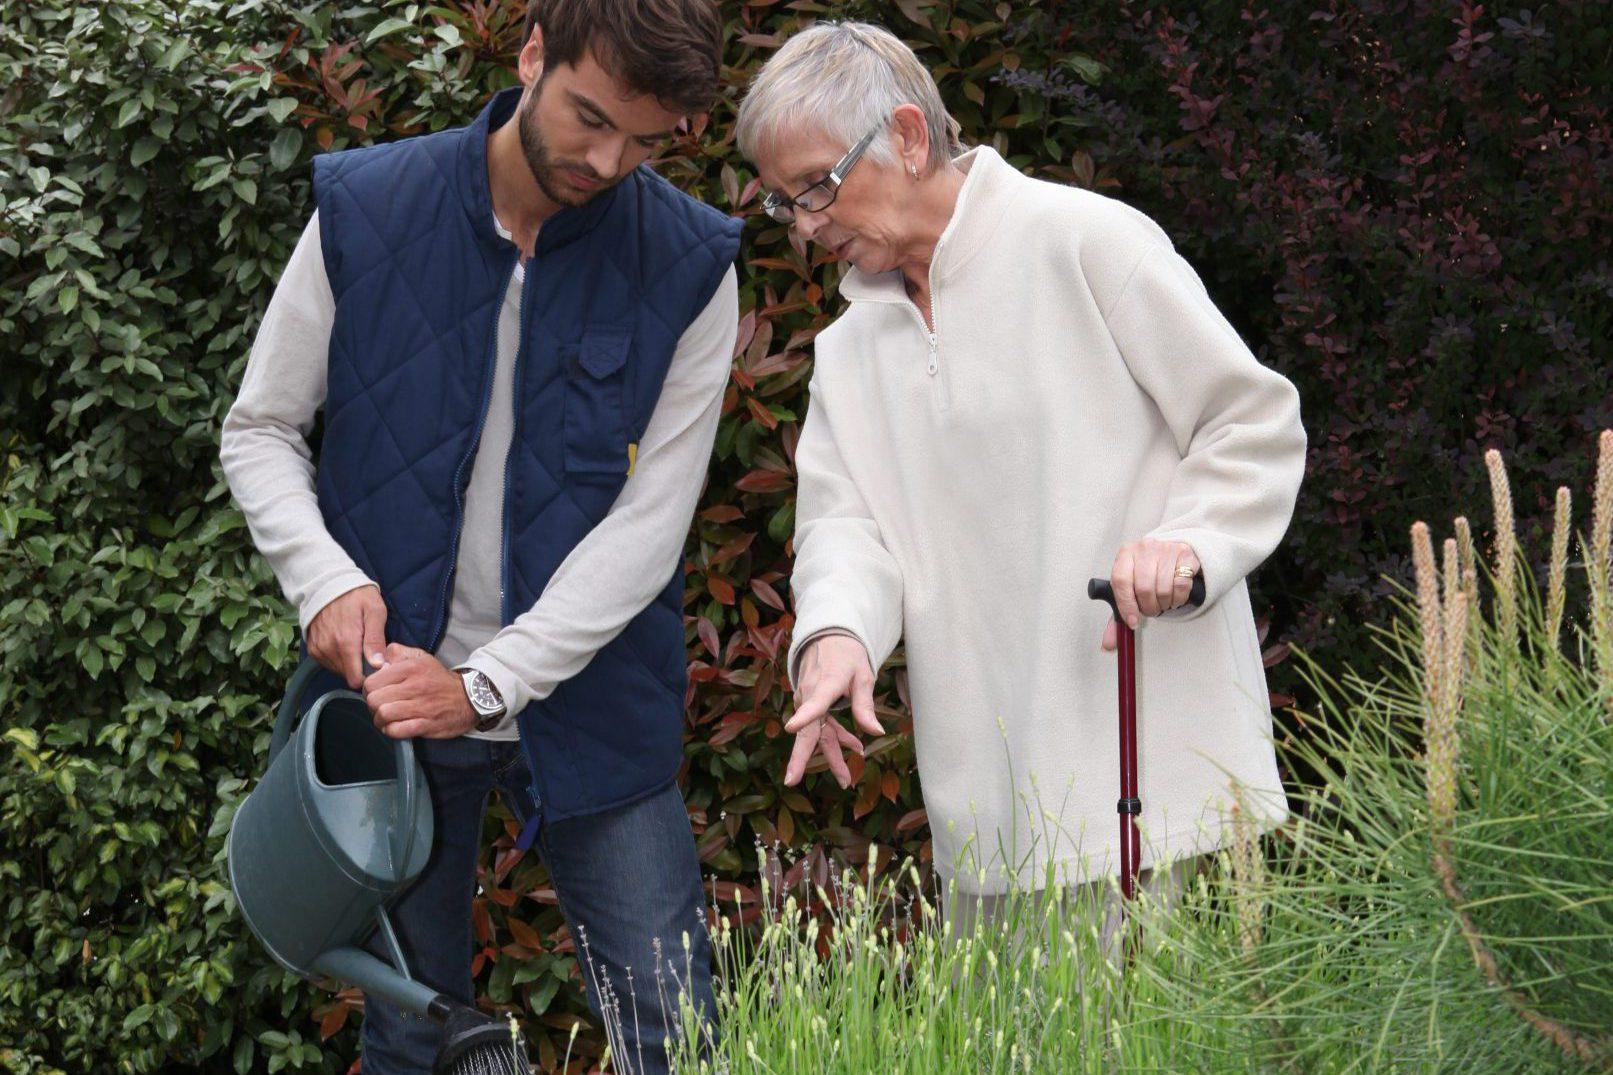 personne âgée avec une personne qui arrose les plantes